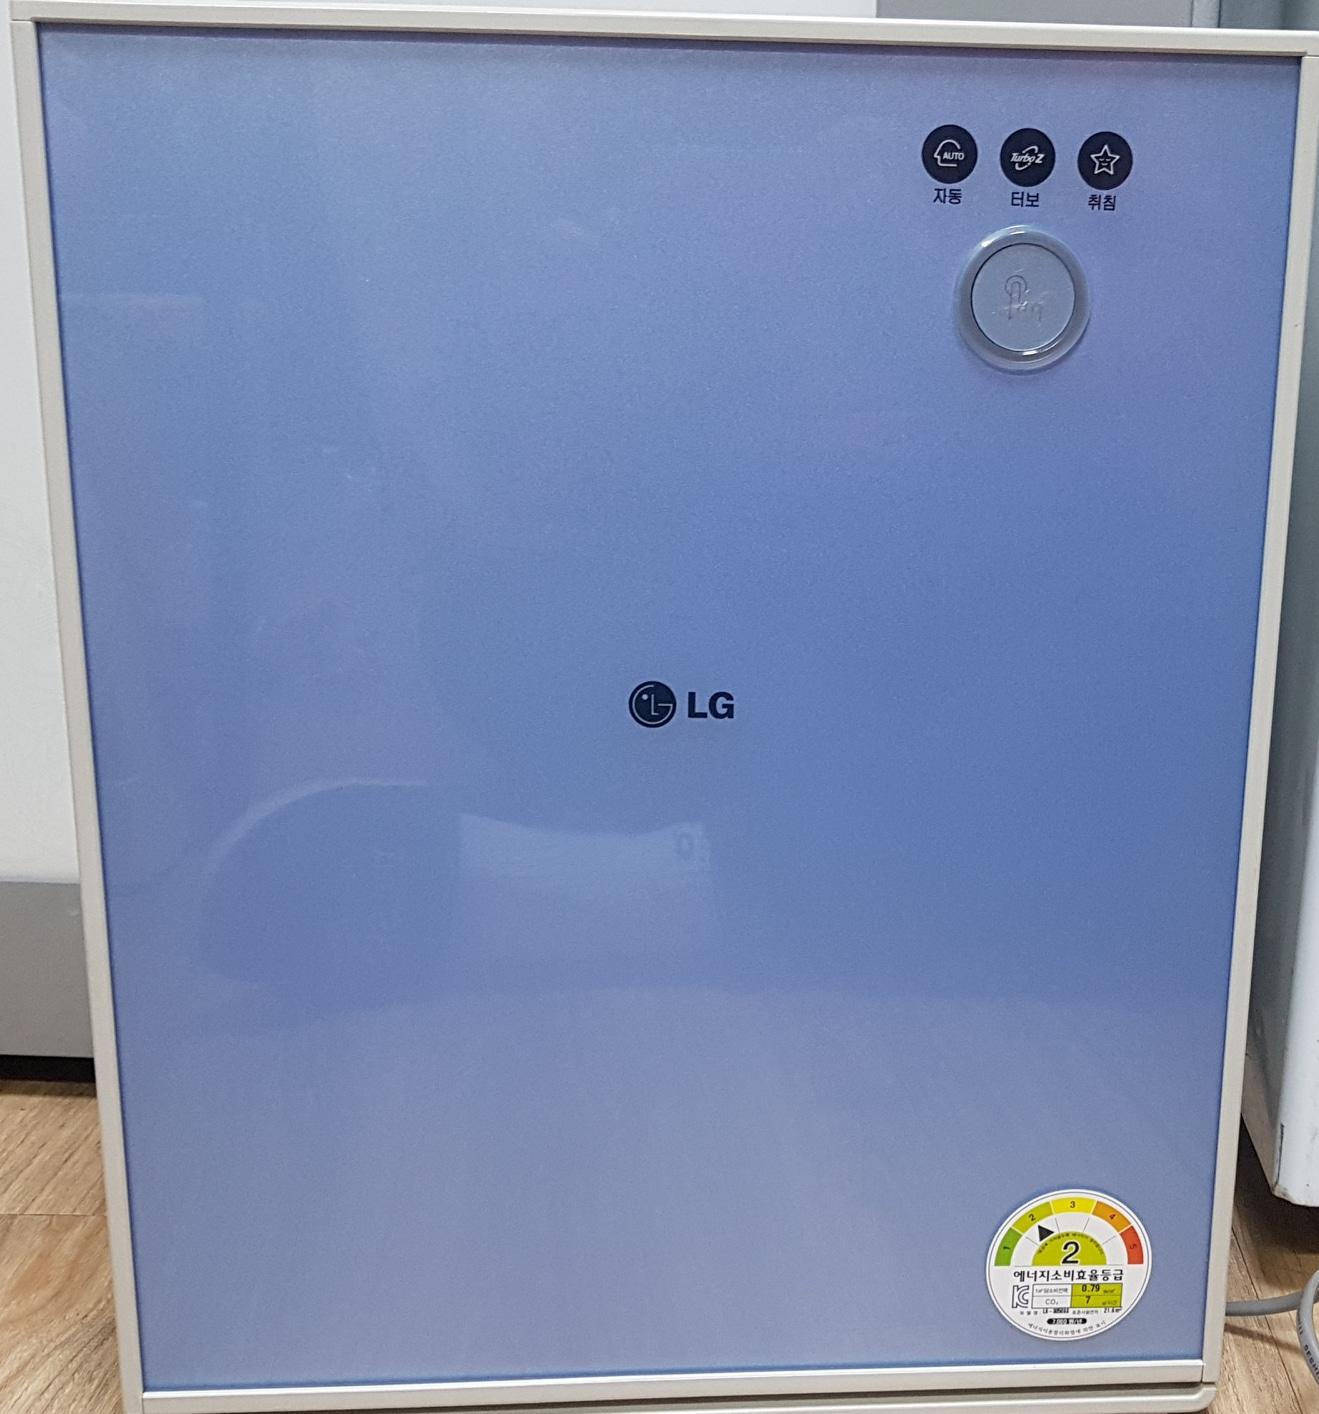 판매완료]] LG공기청정기, 미세먼지 공기청정기,헤파필터공기청정기,